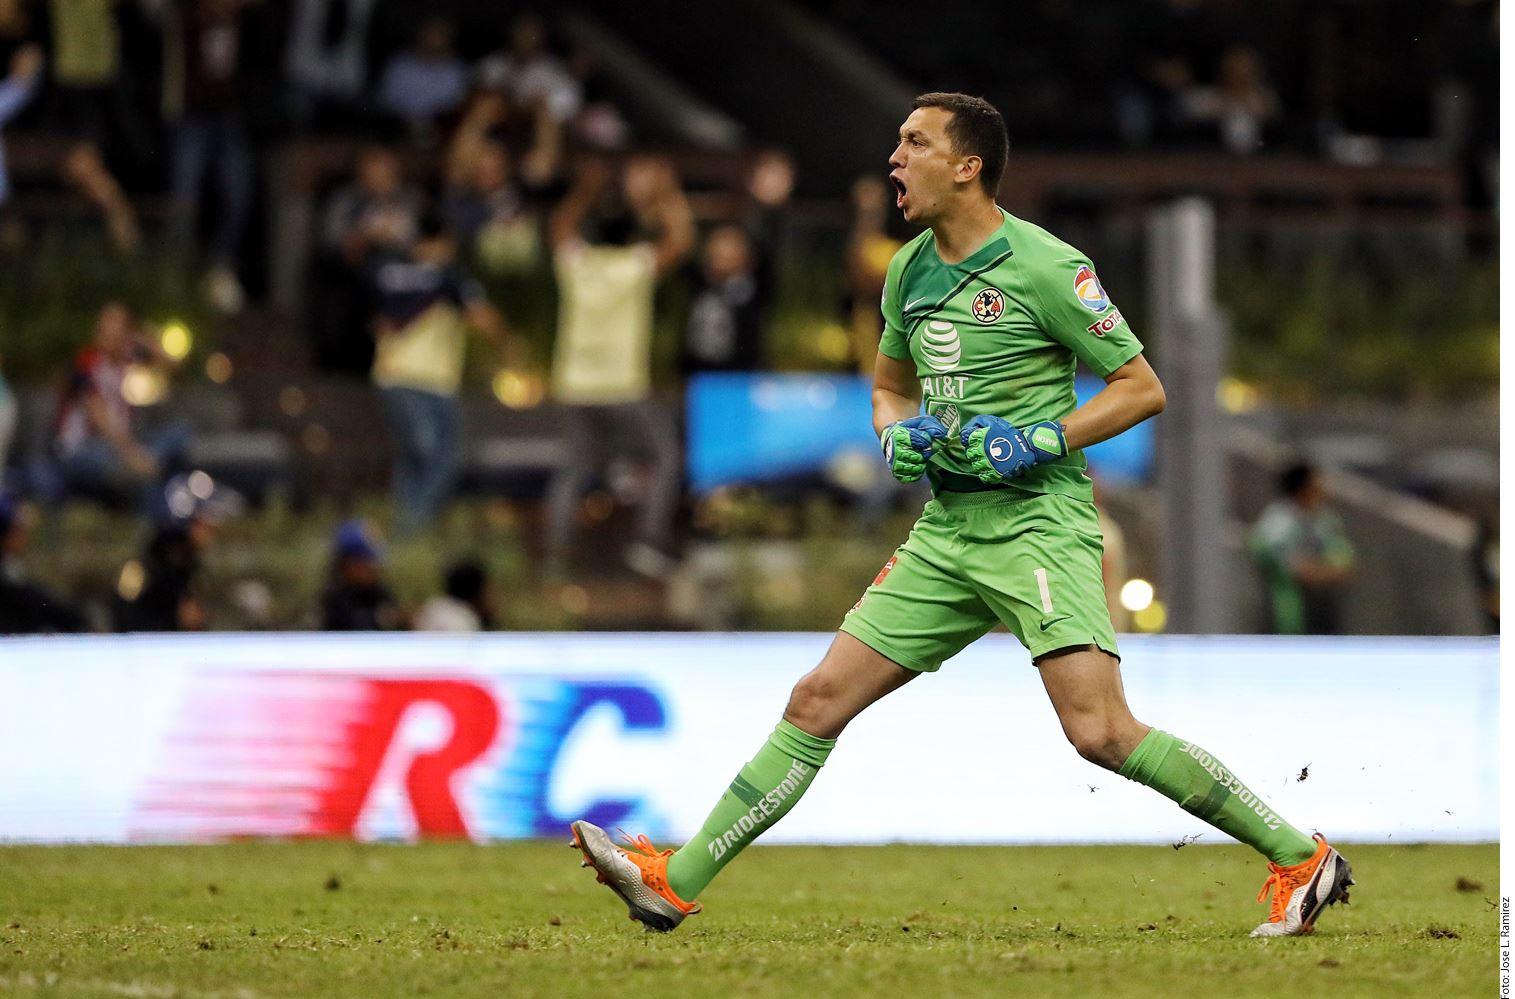 América, cuyo portero es Agustín Marchesín, igualó en el Clásico Nacional y ahora tendrá que librar la rifa del tigre antes de meterse a la Liguilla.